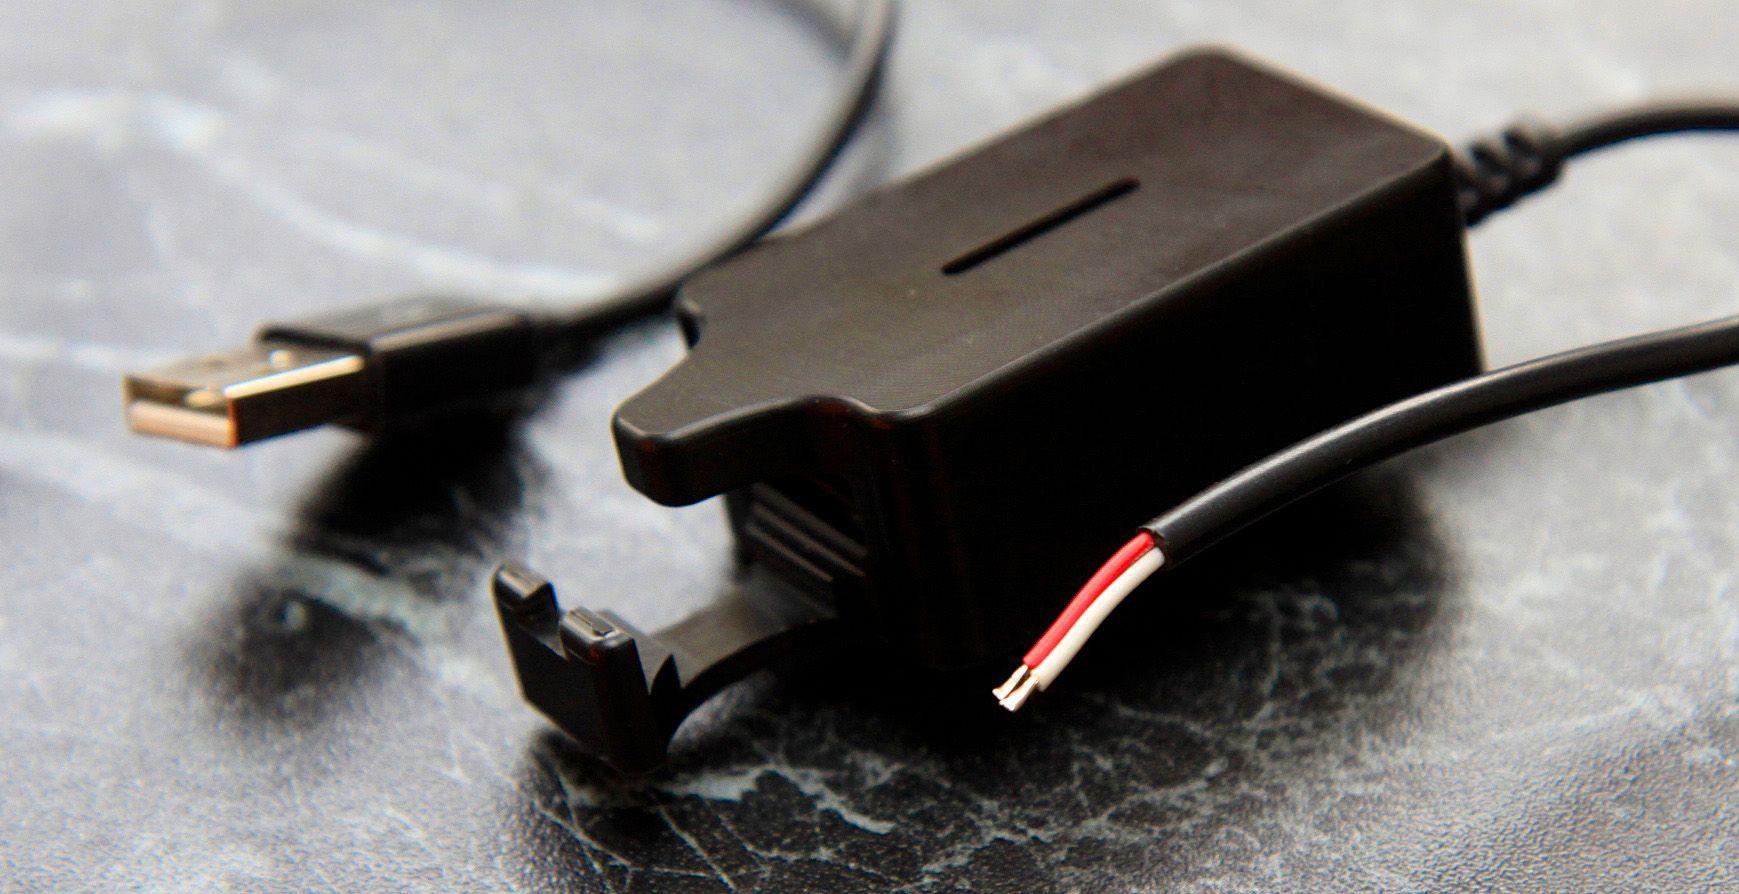 Det følger med en USB-strømadapter som kobles til bilens el-anlegg. Du kan også bruke en USB-adapter til sigarettenneren, hvis du har det.Foto: Kurt Lekanger, Amobil.no